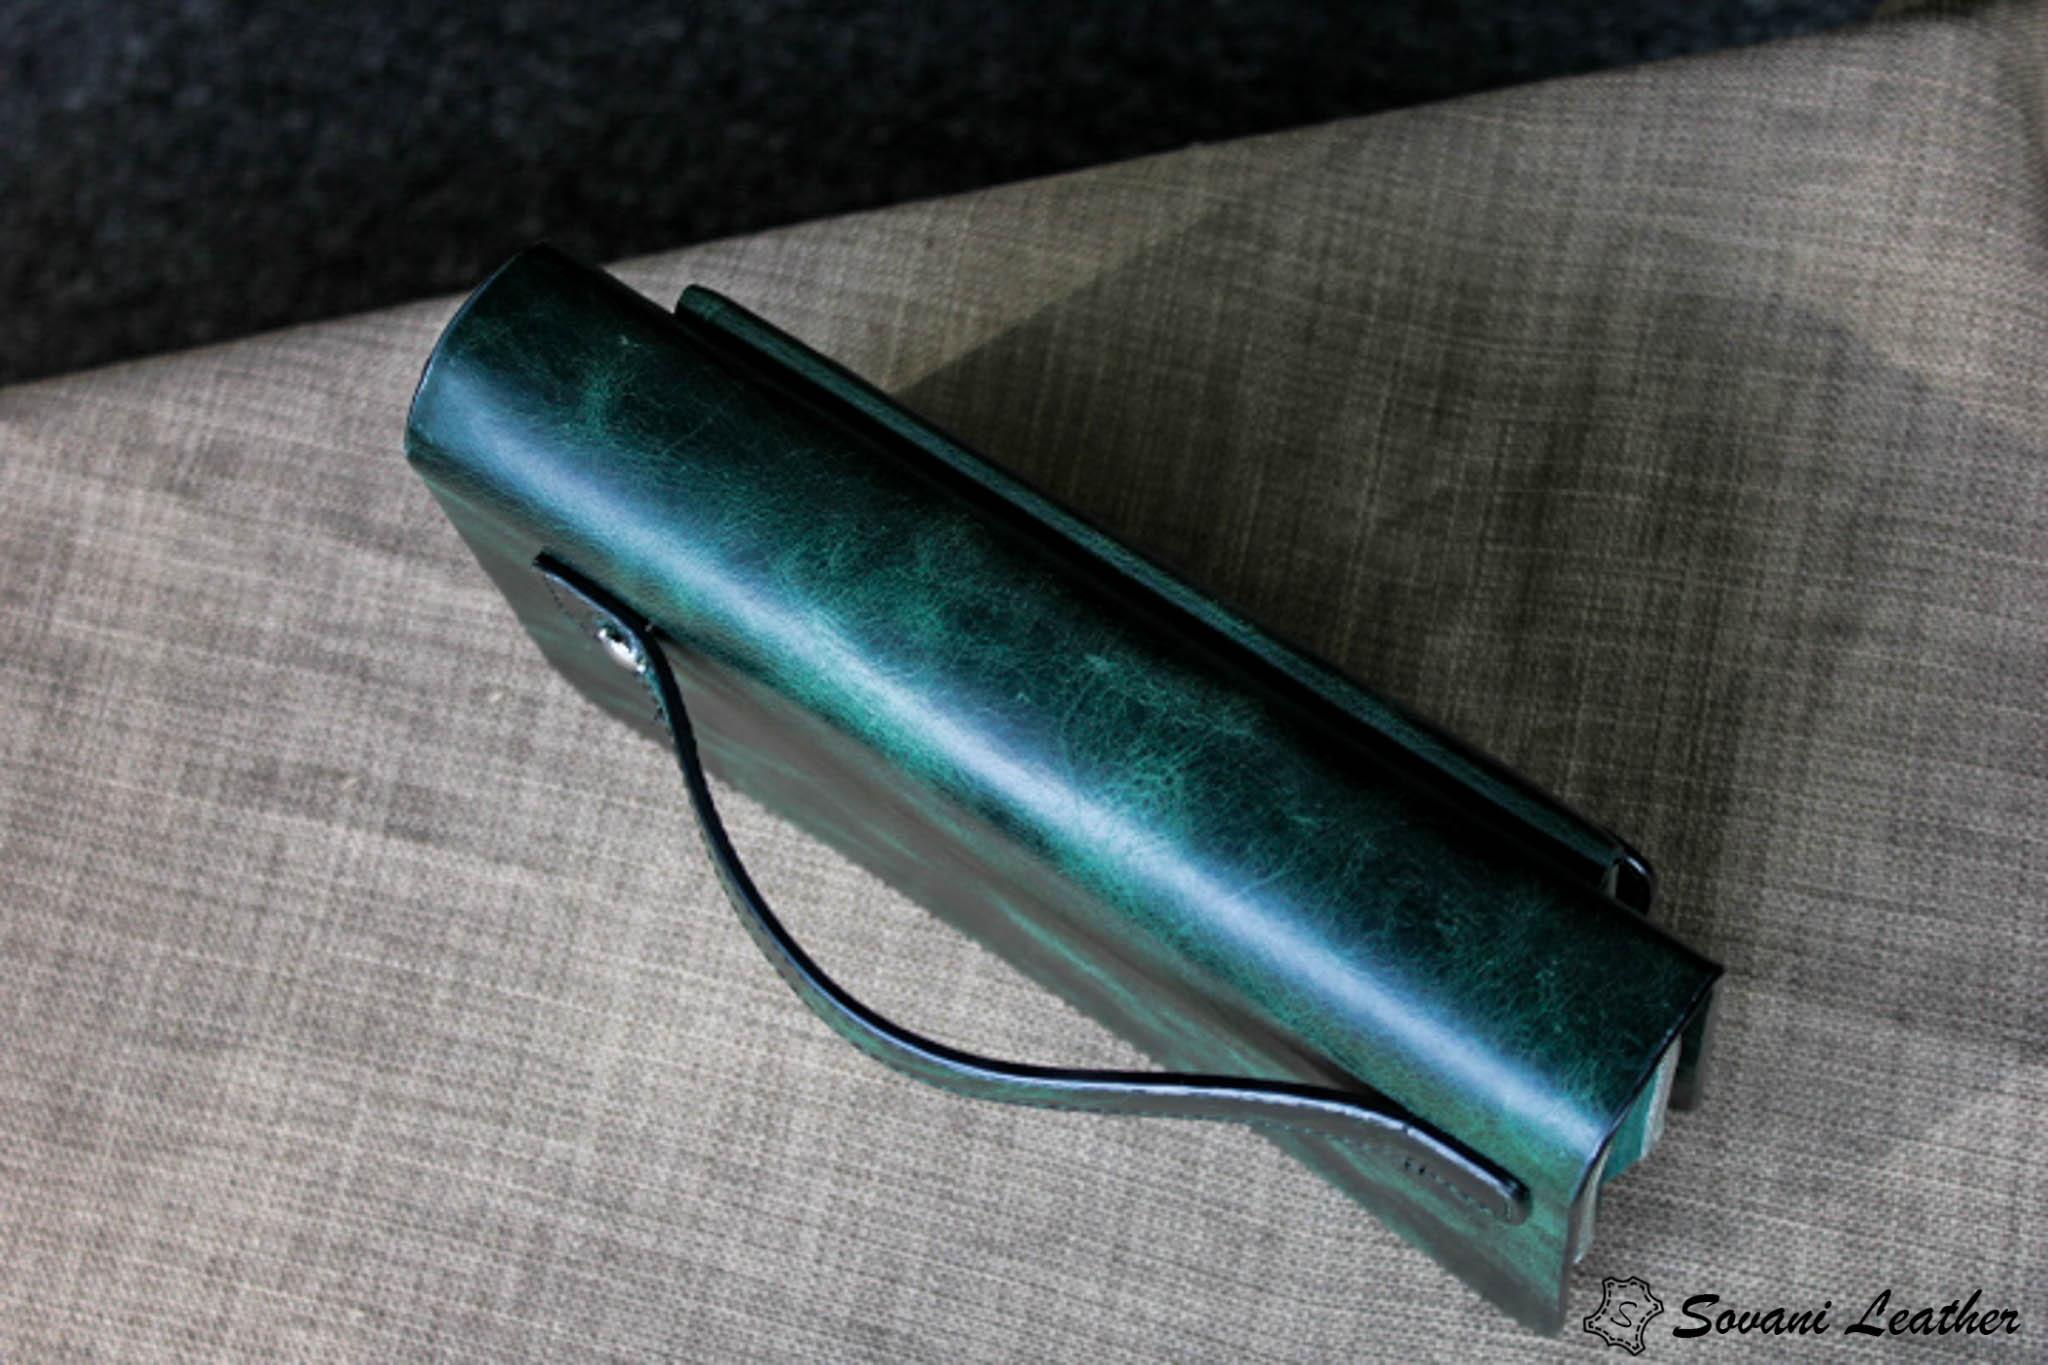 Ví Cầm Tay Zip 2 Khóa Cao Cấp -Da pullub wax nhập khẩu. 38